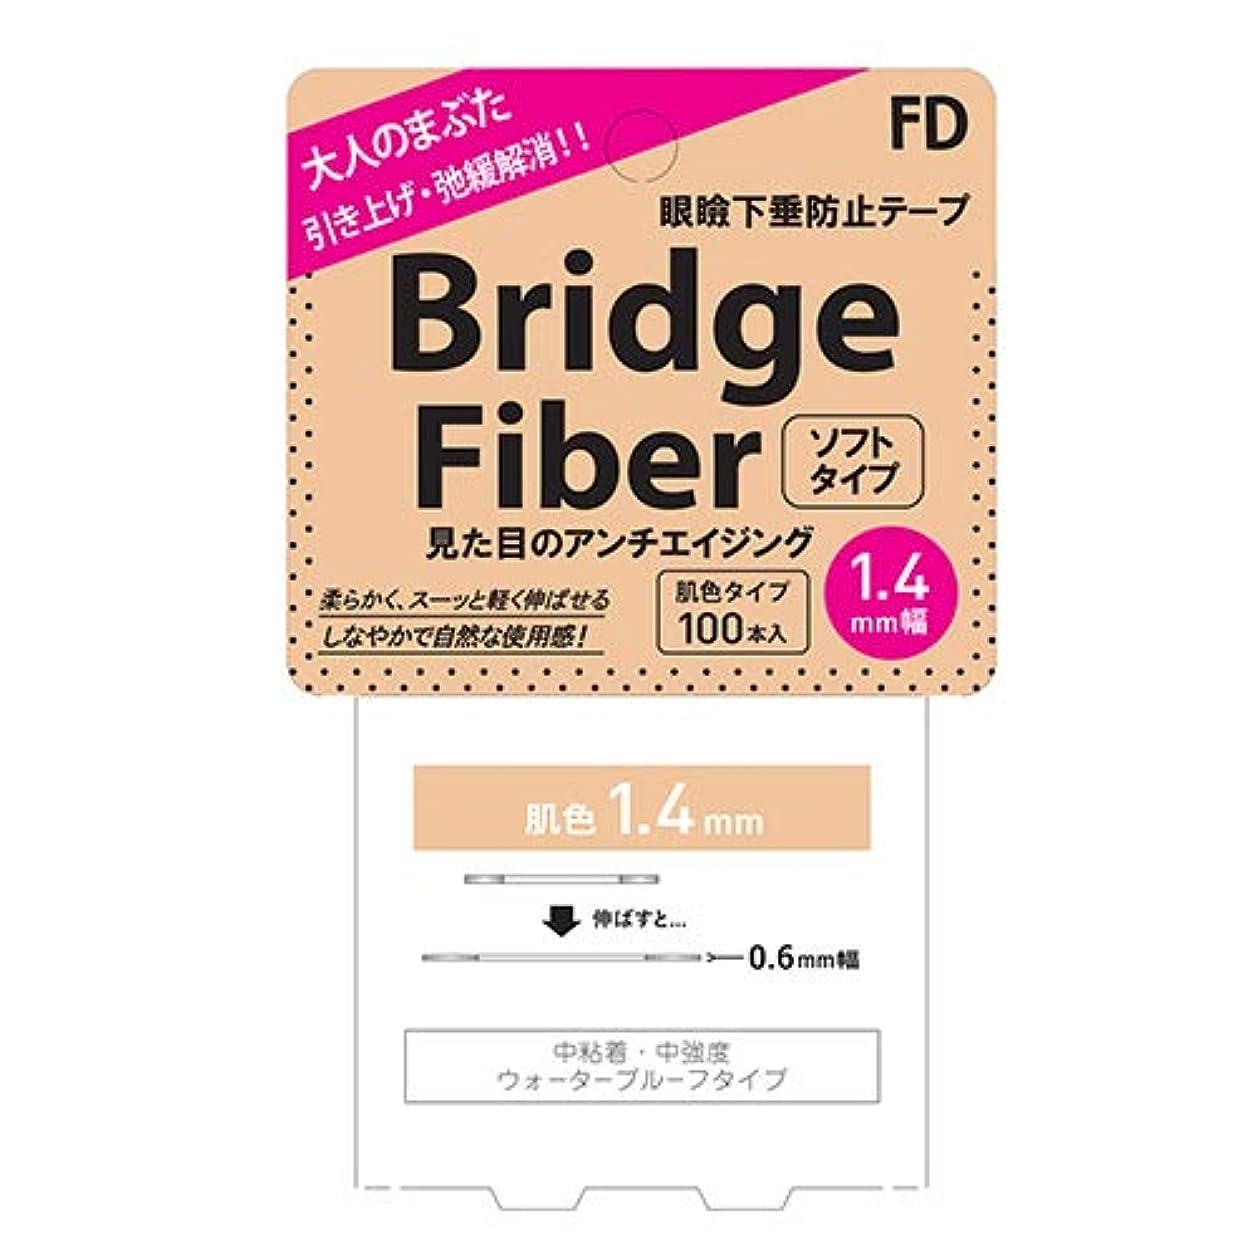 契約する祖母加入FD ブリッジファイバーソフト (Bridge Fiber Soft) 肌色(ヌーディー) 100本入 1.4mm